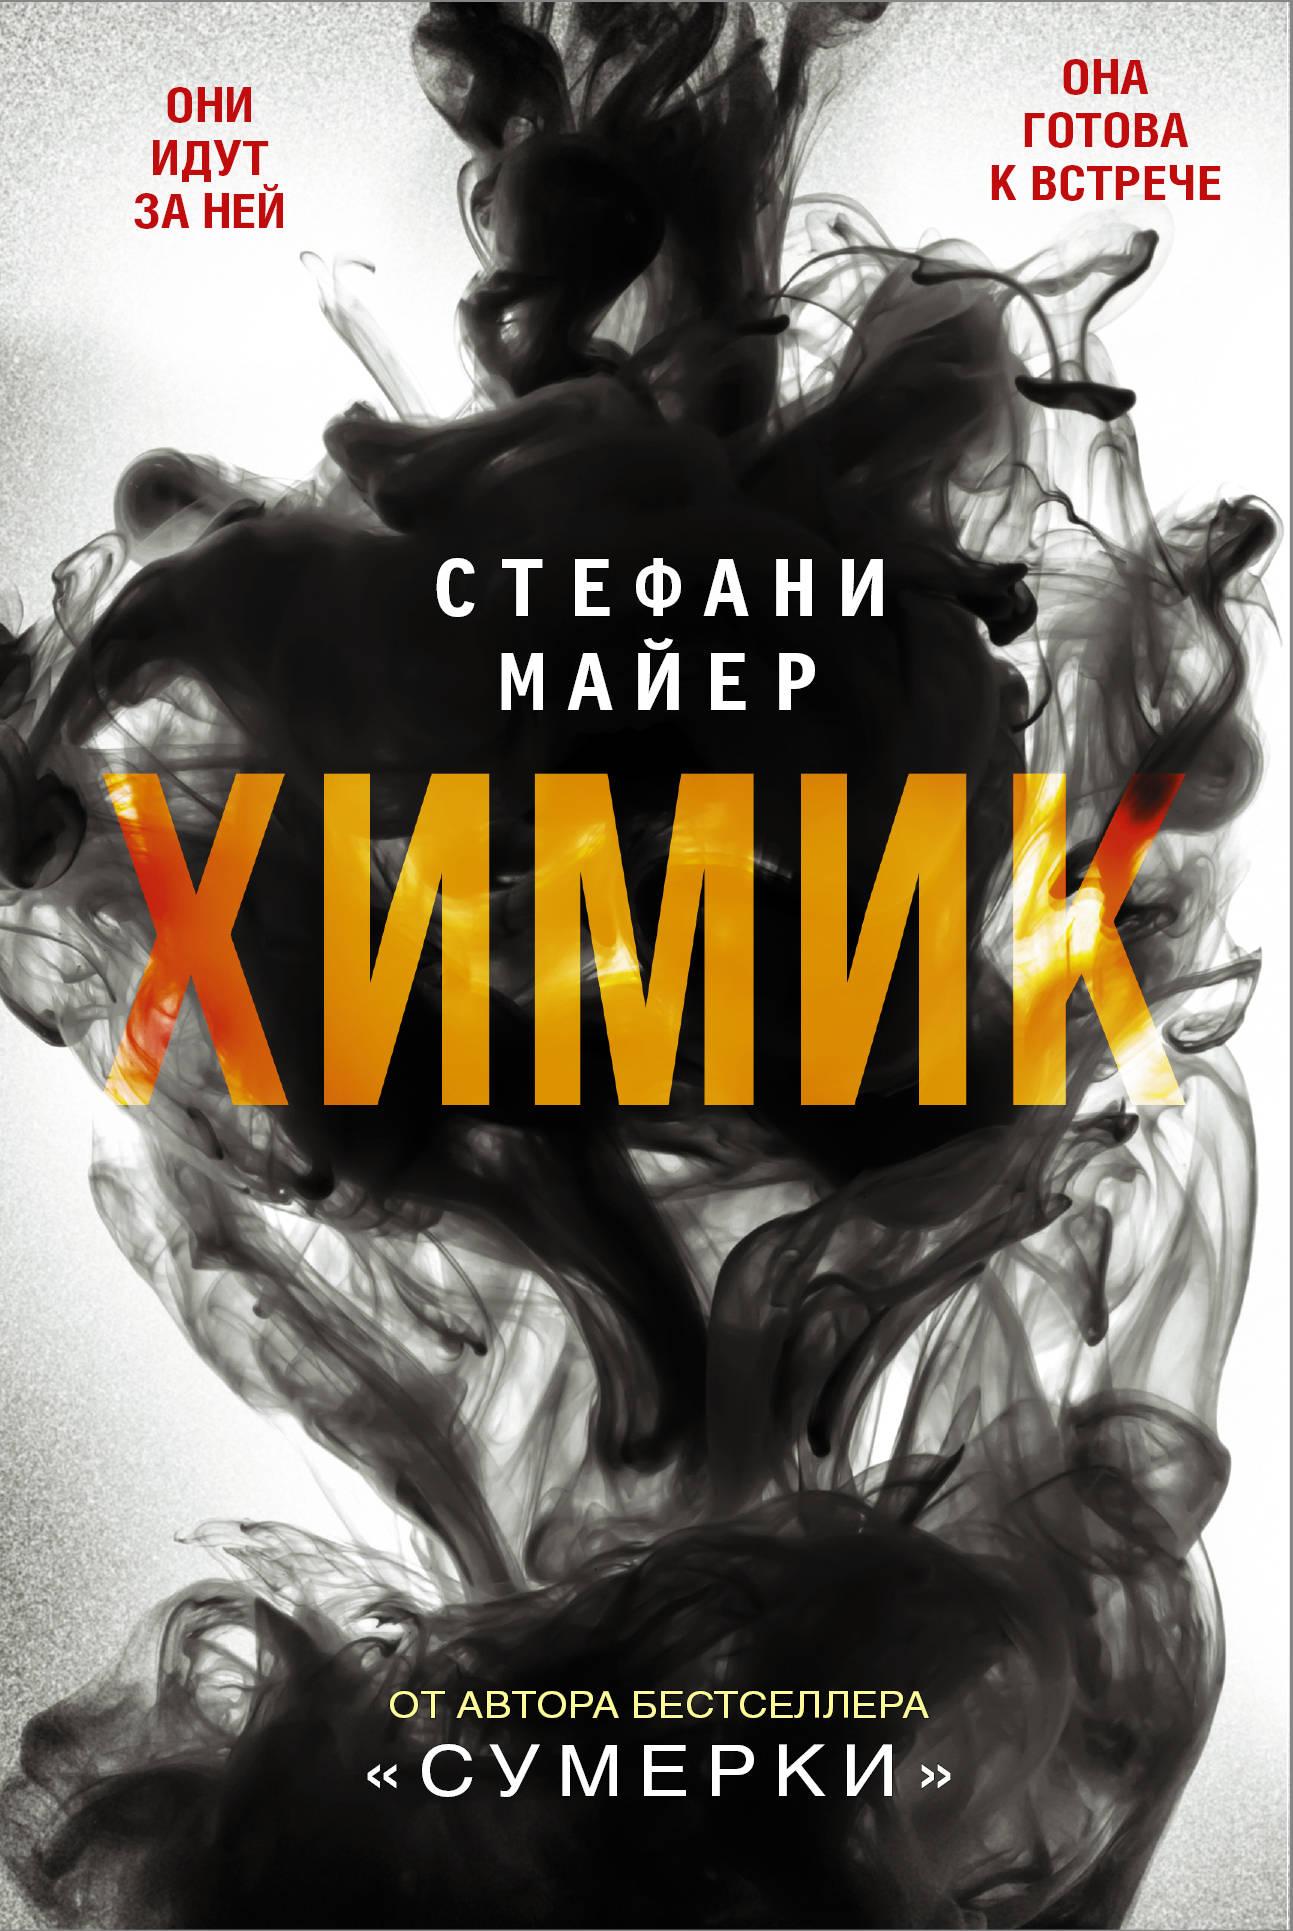 Стефани Майер Химик